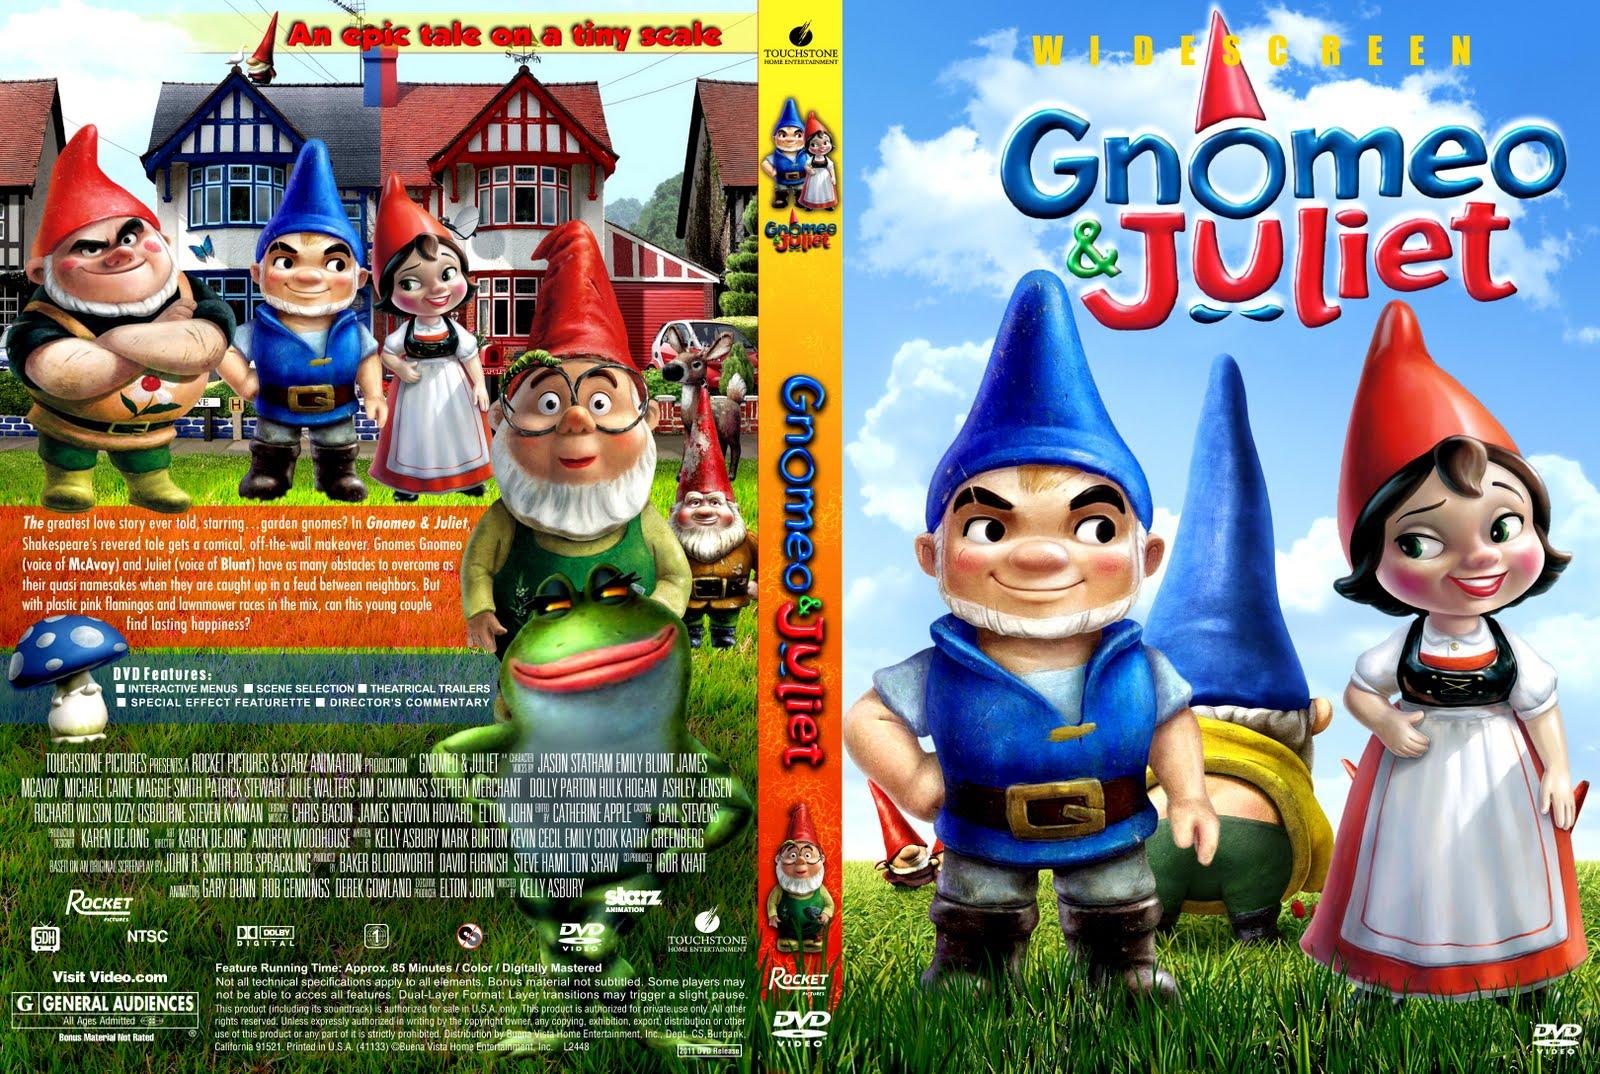 http://3.bp.blogspot.com/-ZUZ_ndtut-0/TZgd1VujRnI/AAAAAAAAAIA/WeRf-d4hrt4/s1600/Gnomeo_And_Juliet_cover.jpg